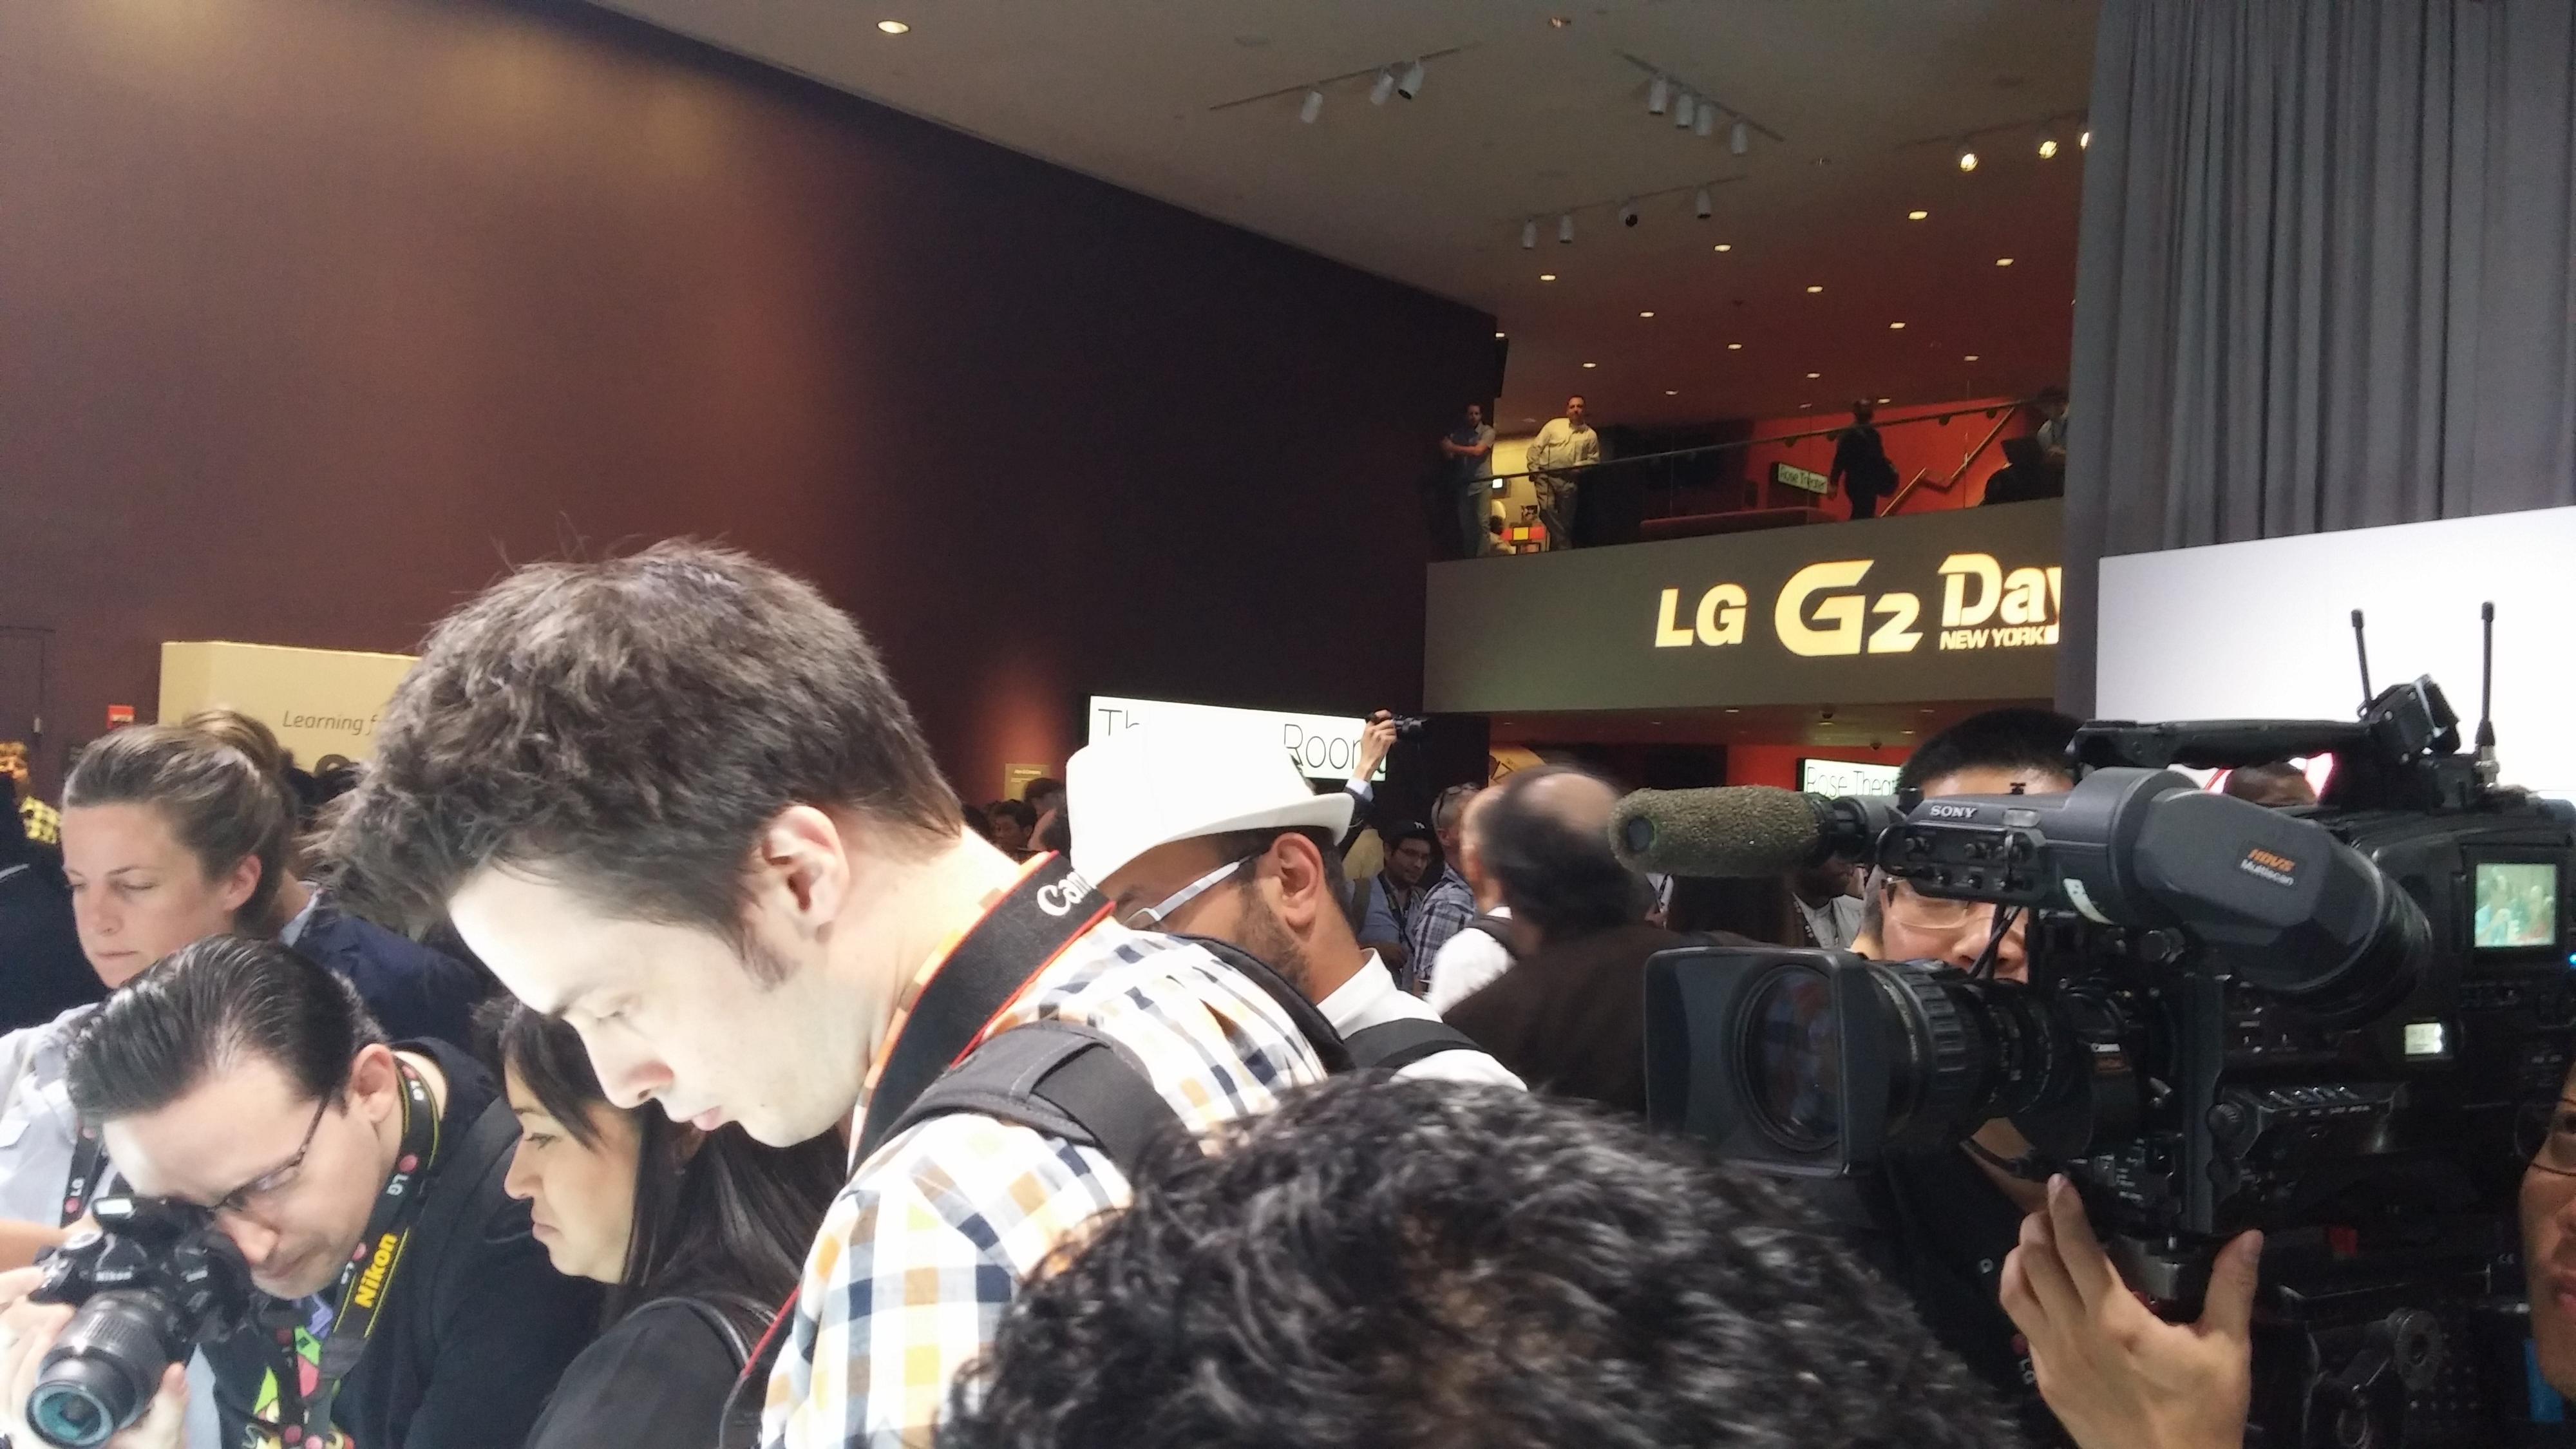 Testbilde fra LG G2